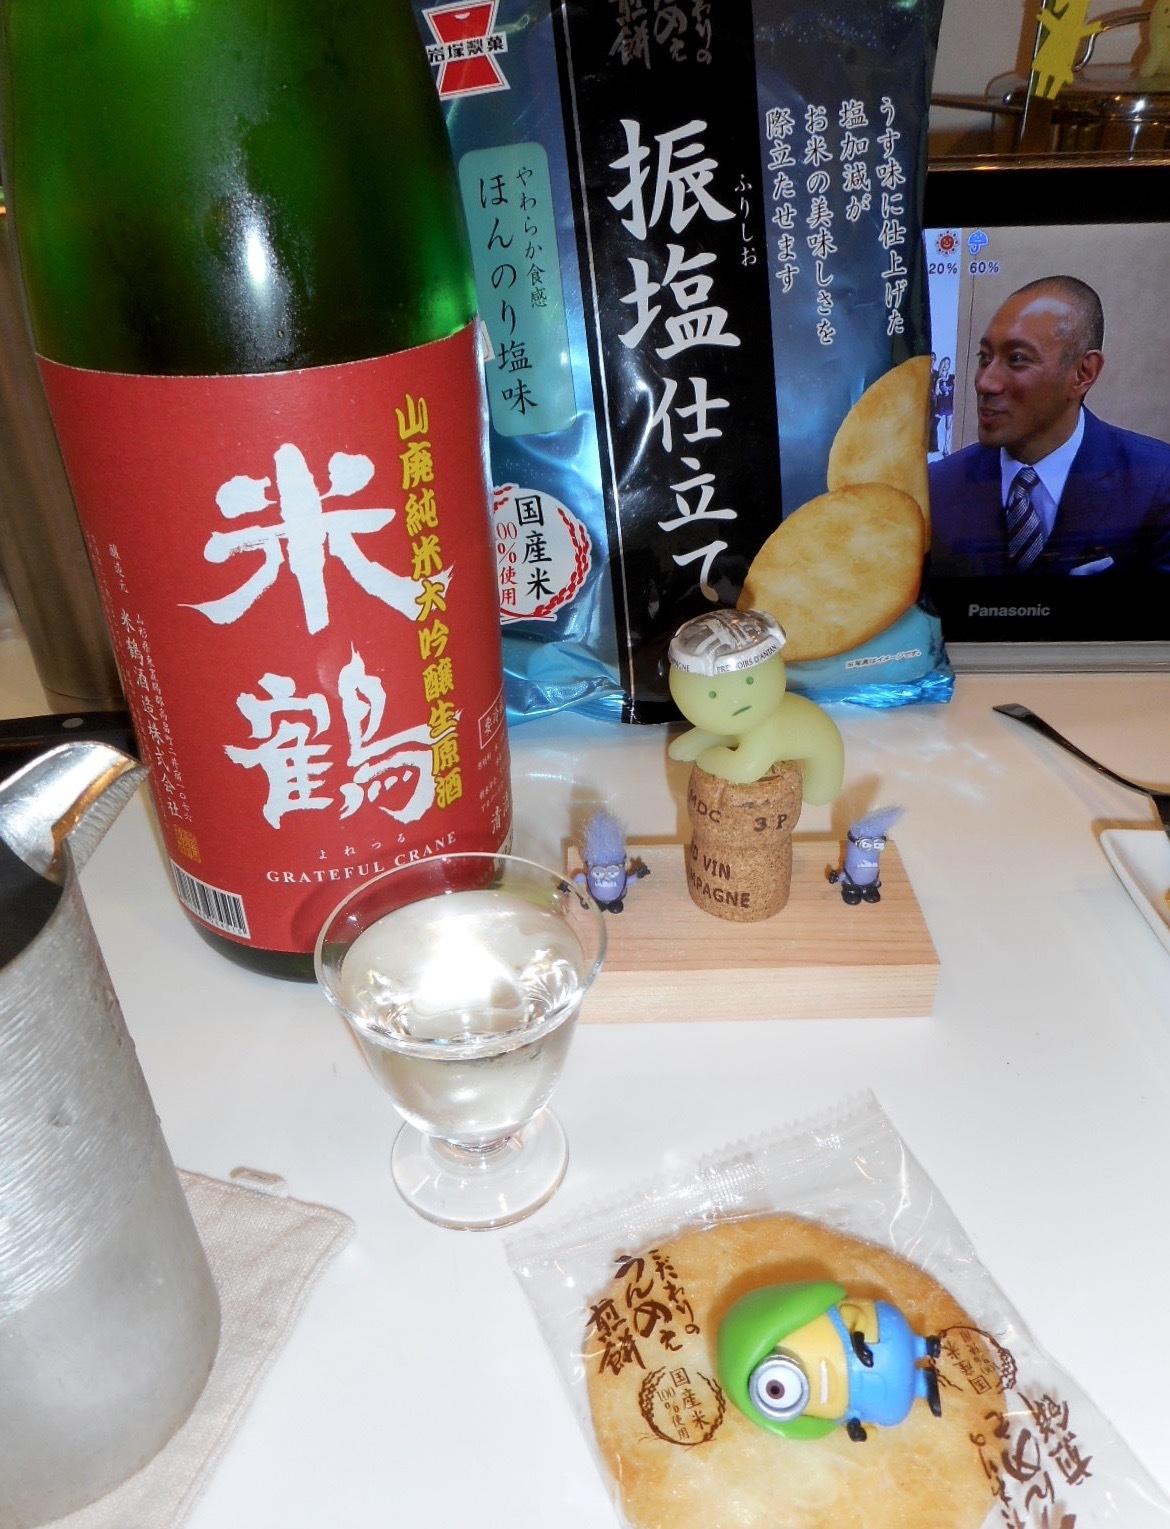 yonetsuru_yamahai_jundai27by10.jpg